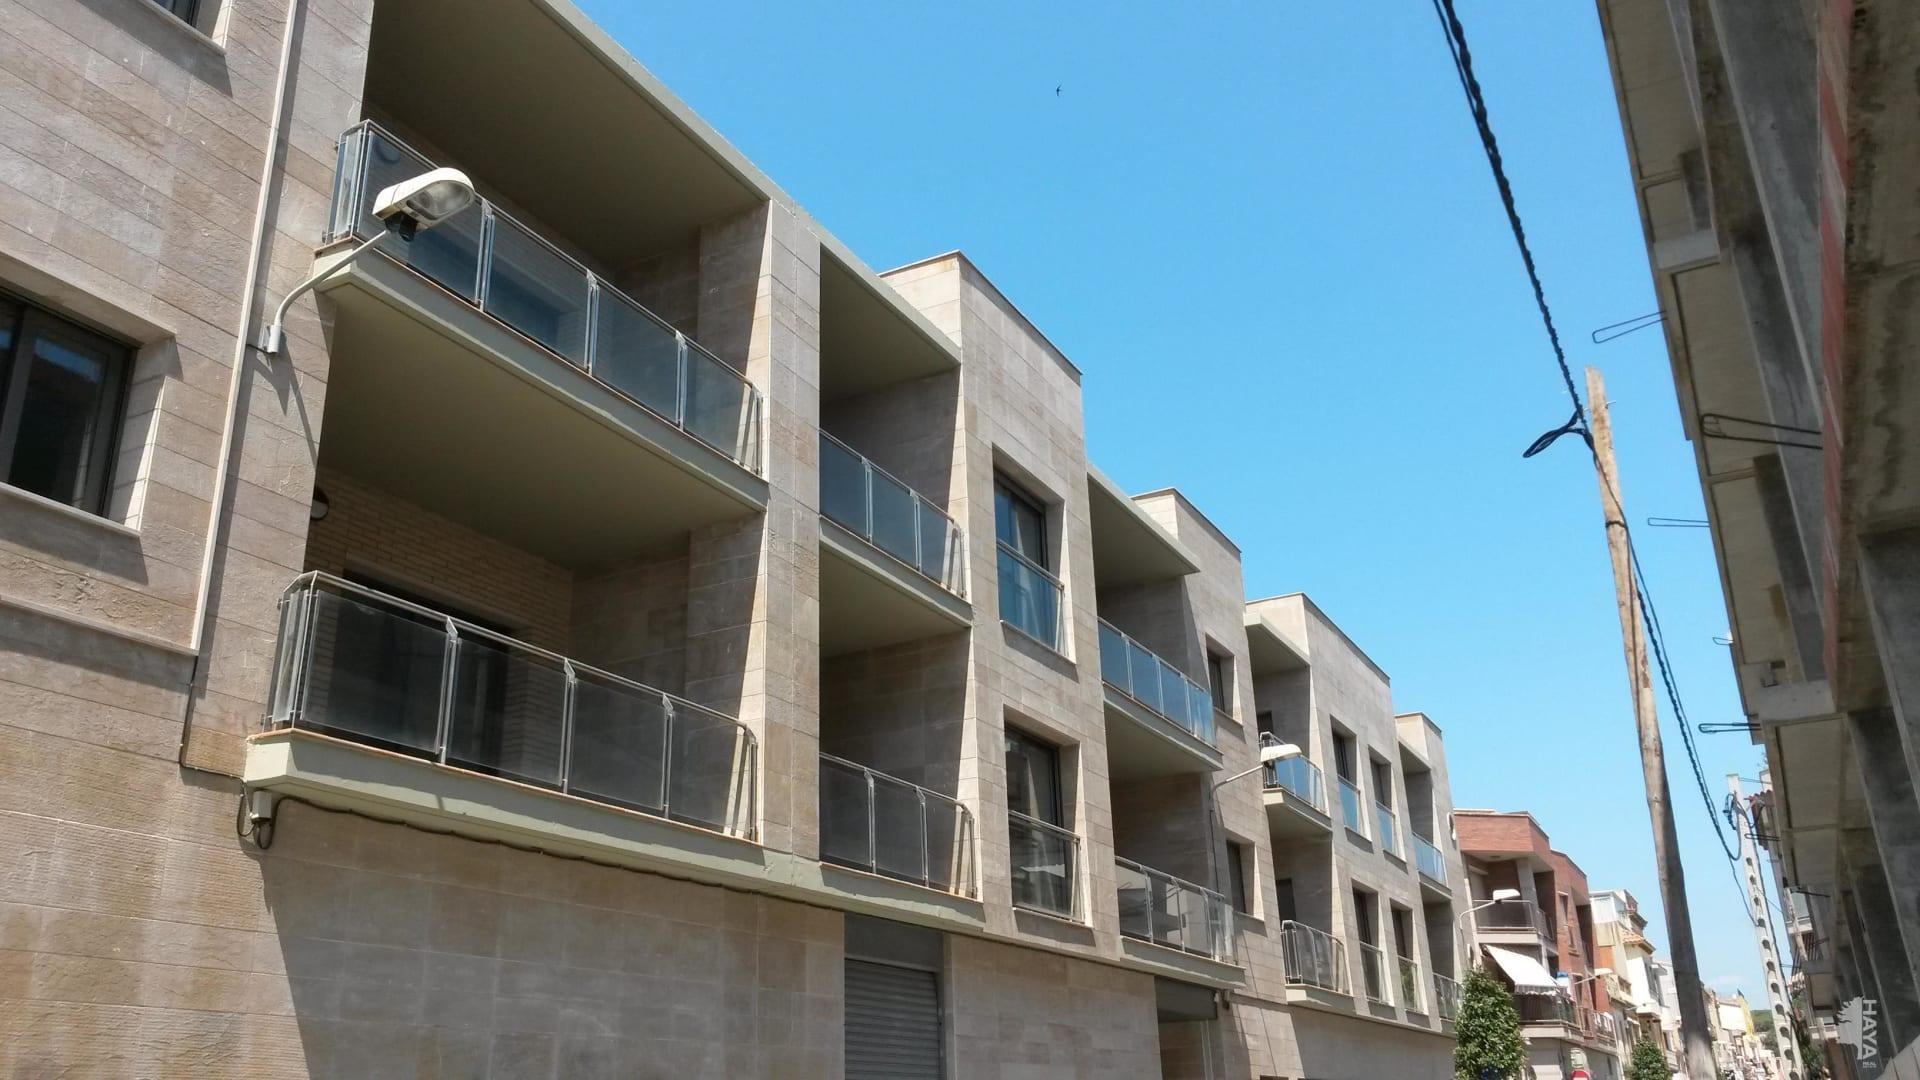 Piso en venta en Malgrat de Mar, Barcelona, Calle Sant Esteve, 127.000 €, 2 habitaciones, 1 baño, 91 m2